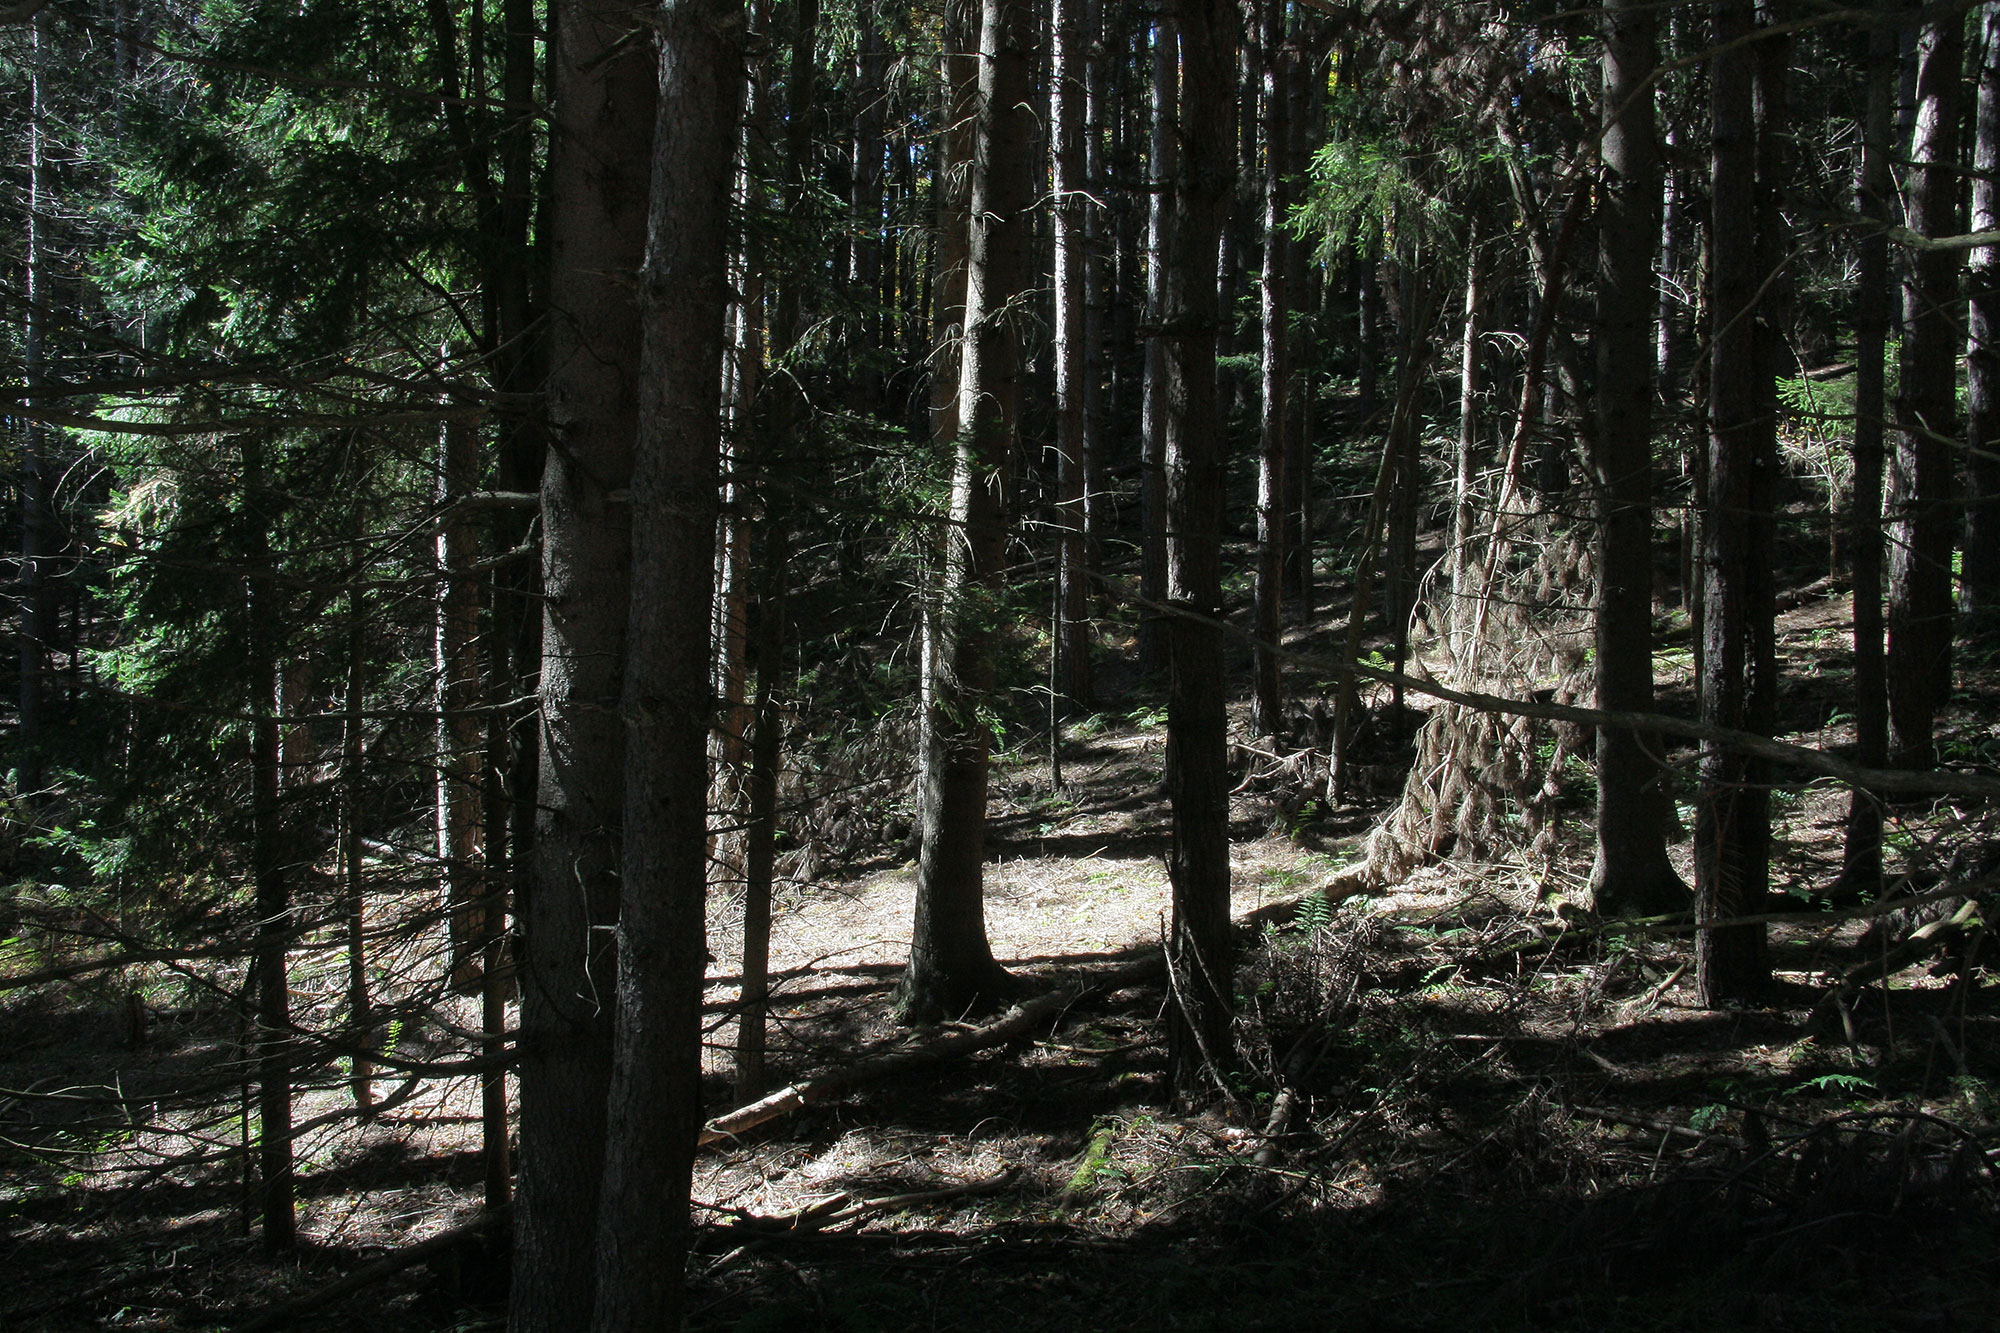 DeadTrees_5798.jpg